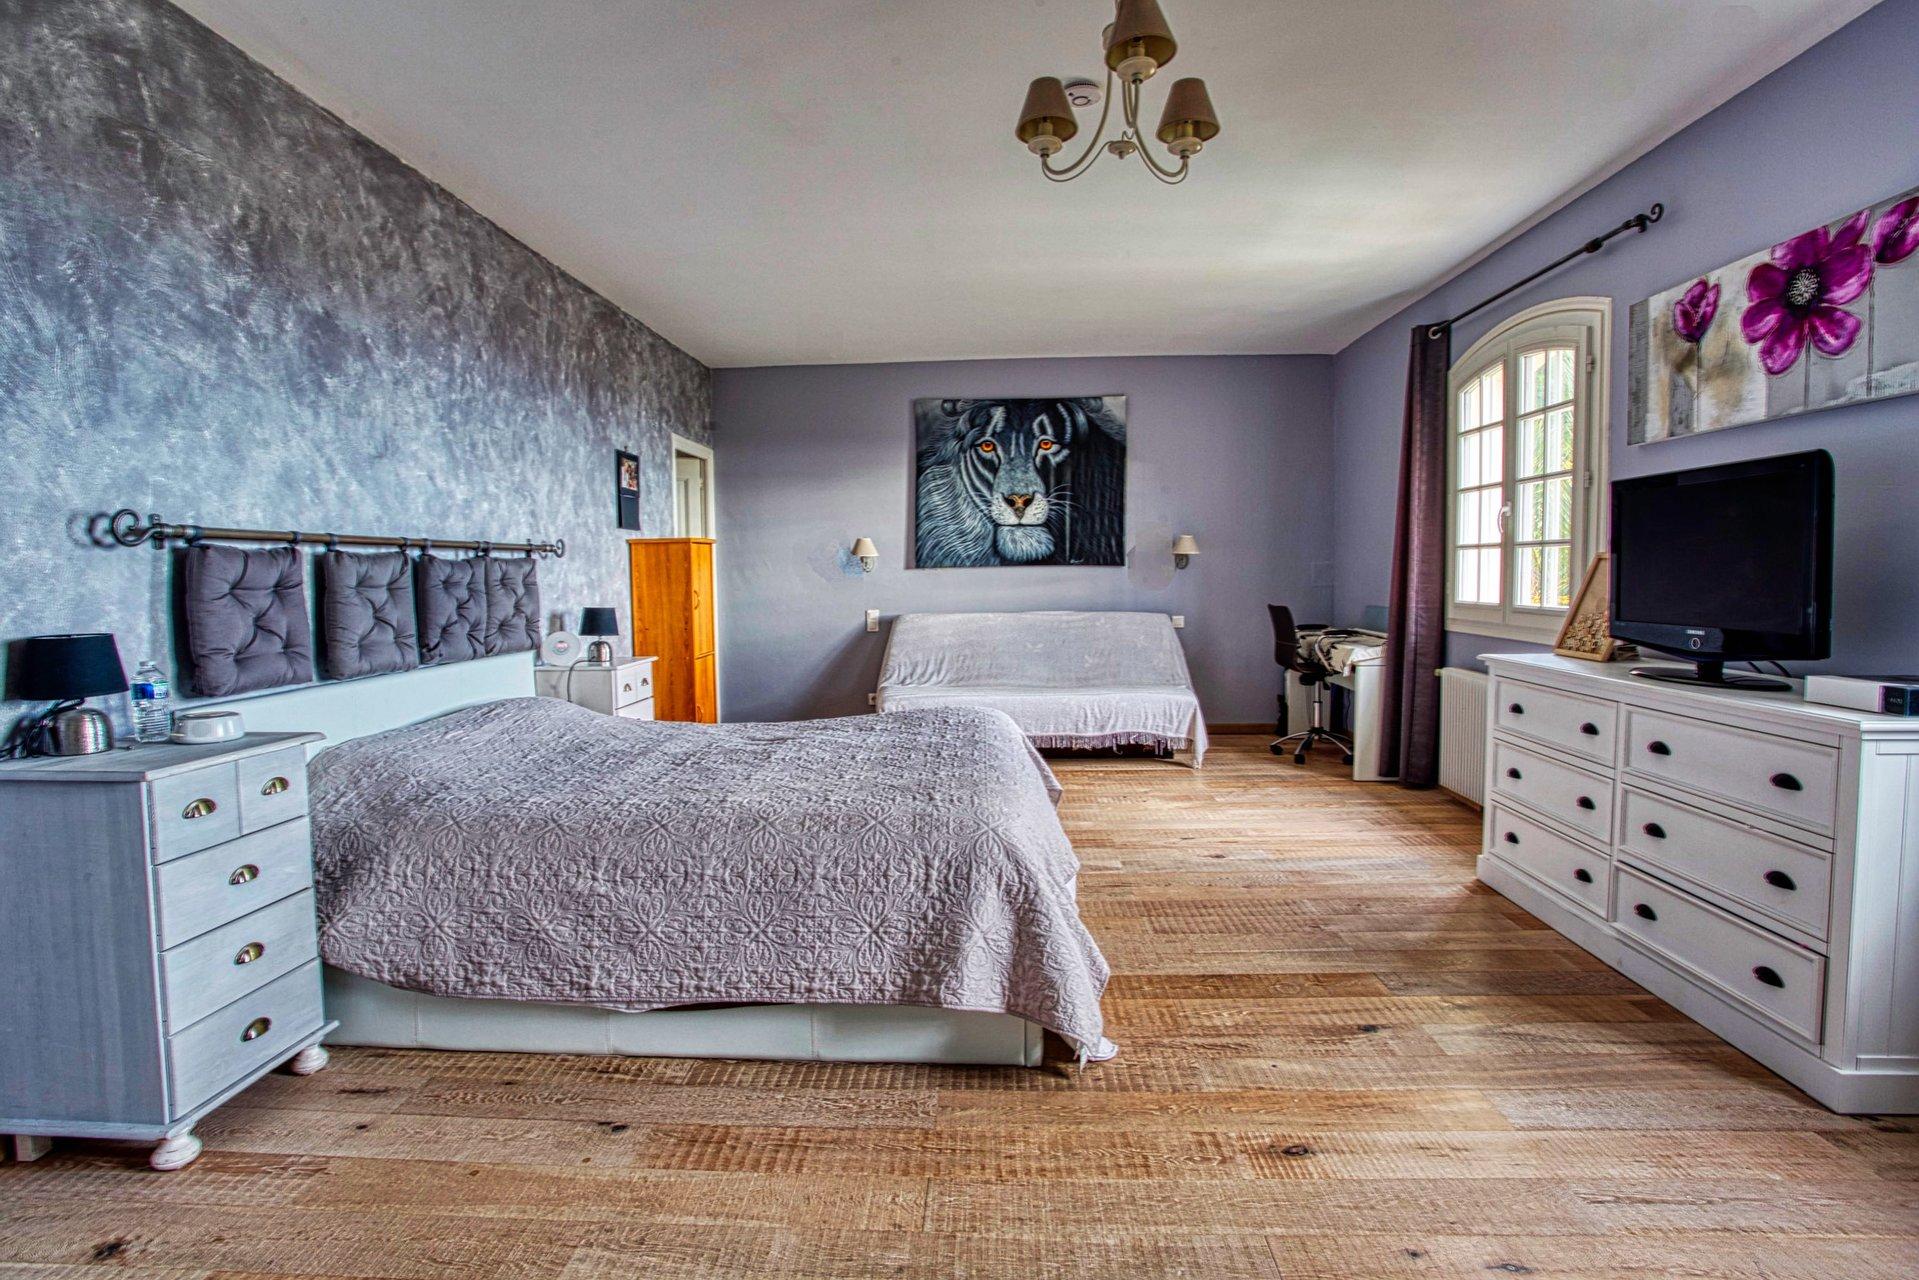 A vendre villa familiale 8P, 6 chambres ou maison d'hôtes avec vue mer et piscine